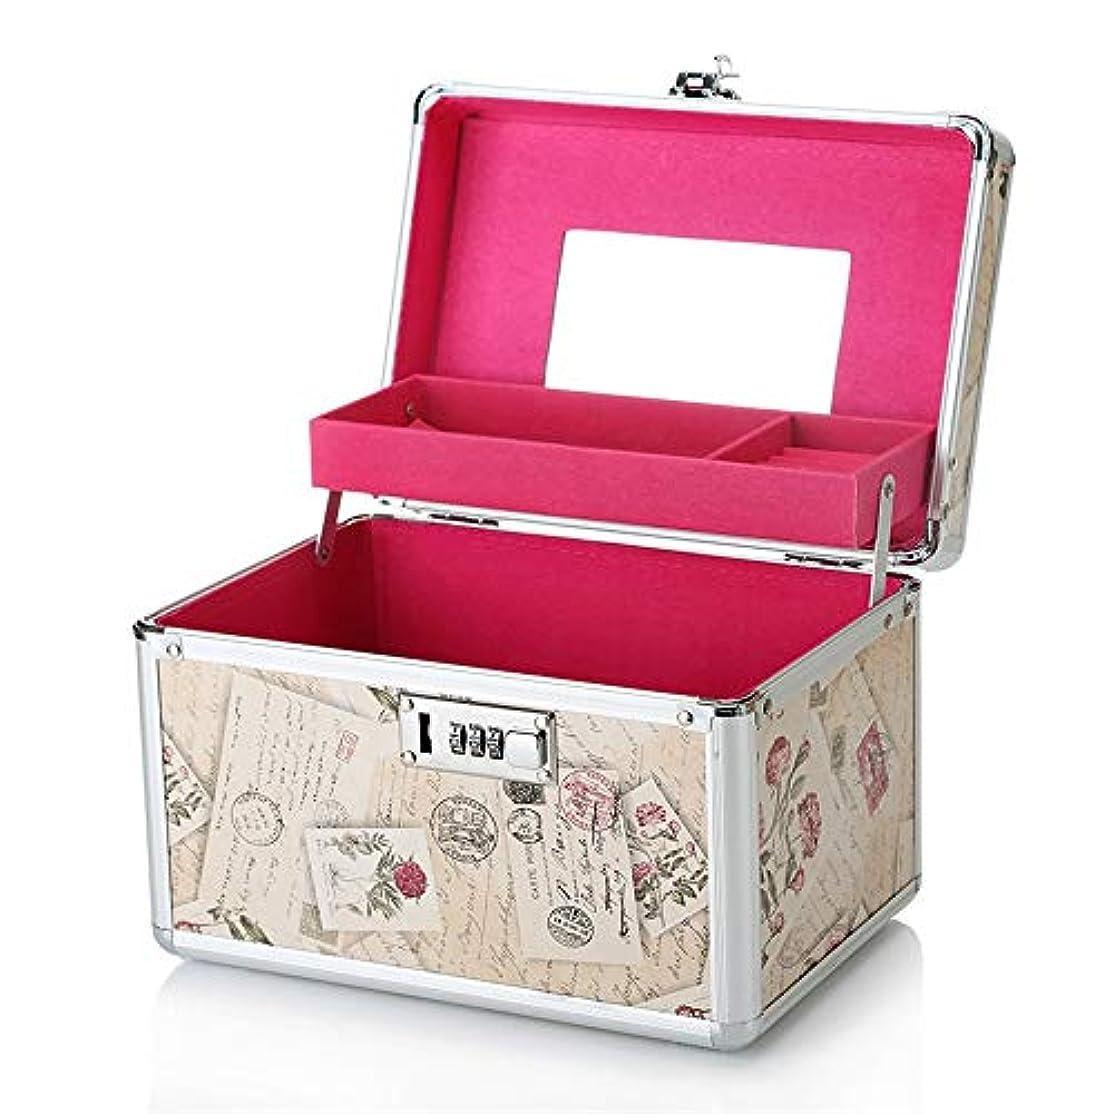 プランテーション下着追加特大スペース収納ビューティーボックス 美の構造のためそしてジッパーおよび折る皿が付いている女の子の女性旅行そして毎日の貯蔵のための高容量の携帯用化粧品袋 化粧品化粧台